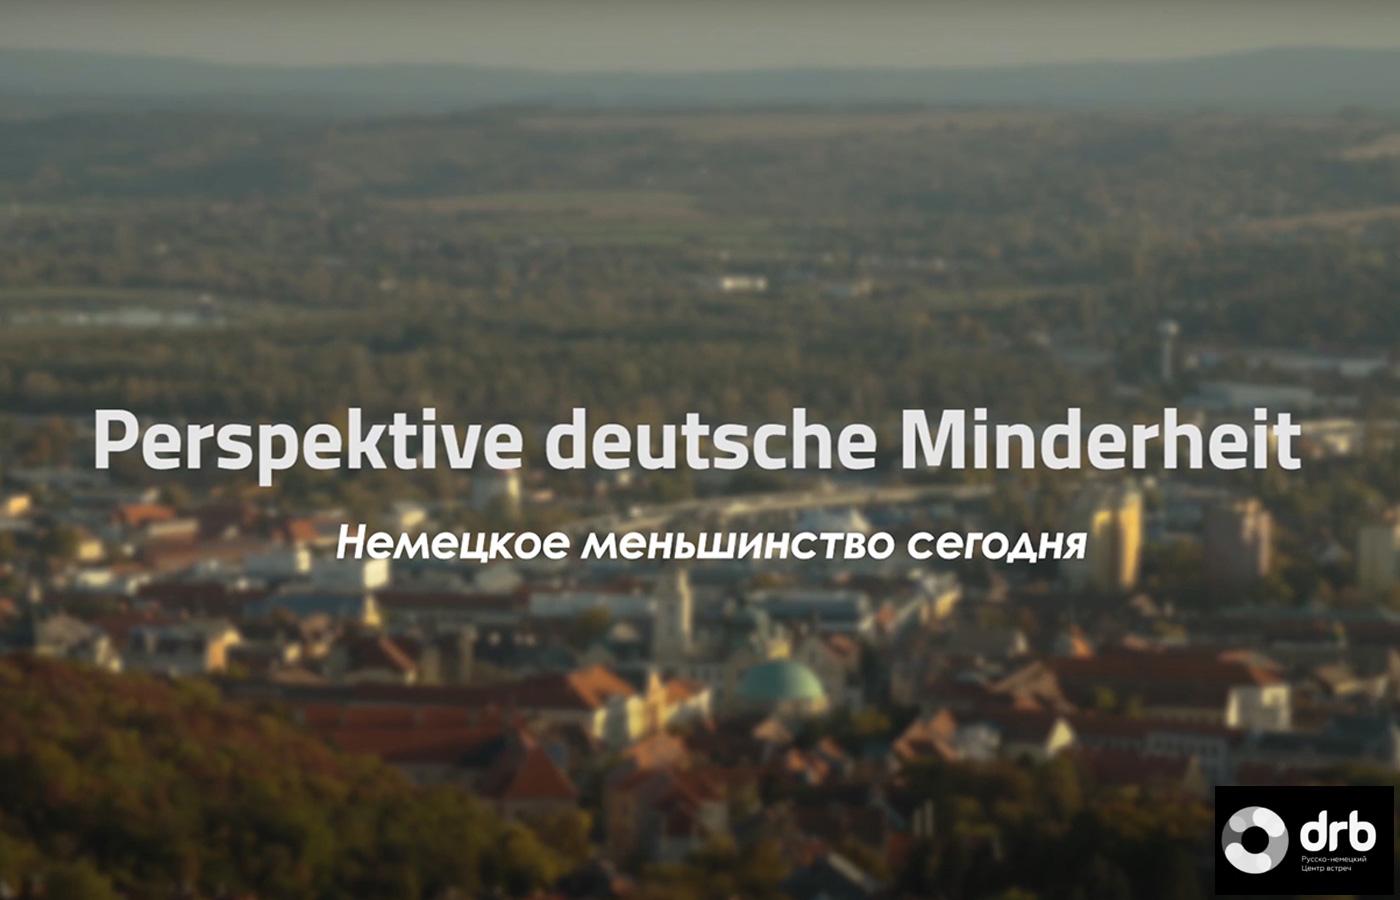 ВИДЕО: Немецкое меньшинство сегодня